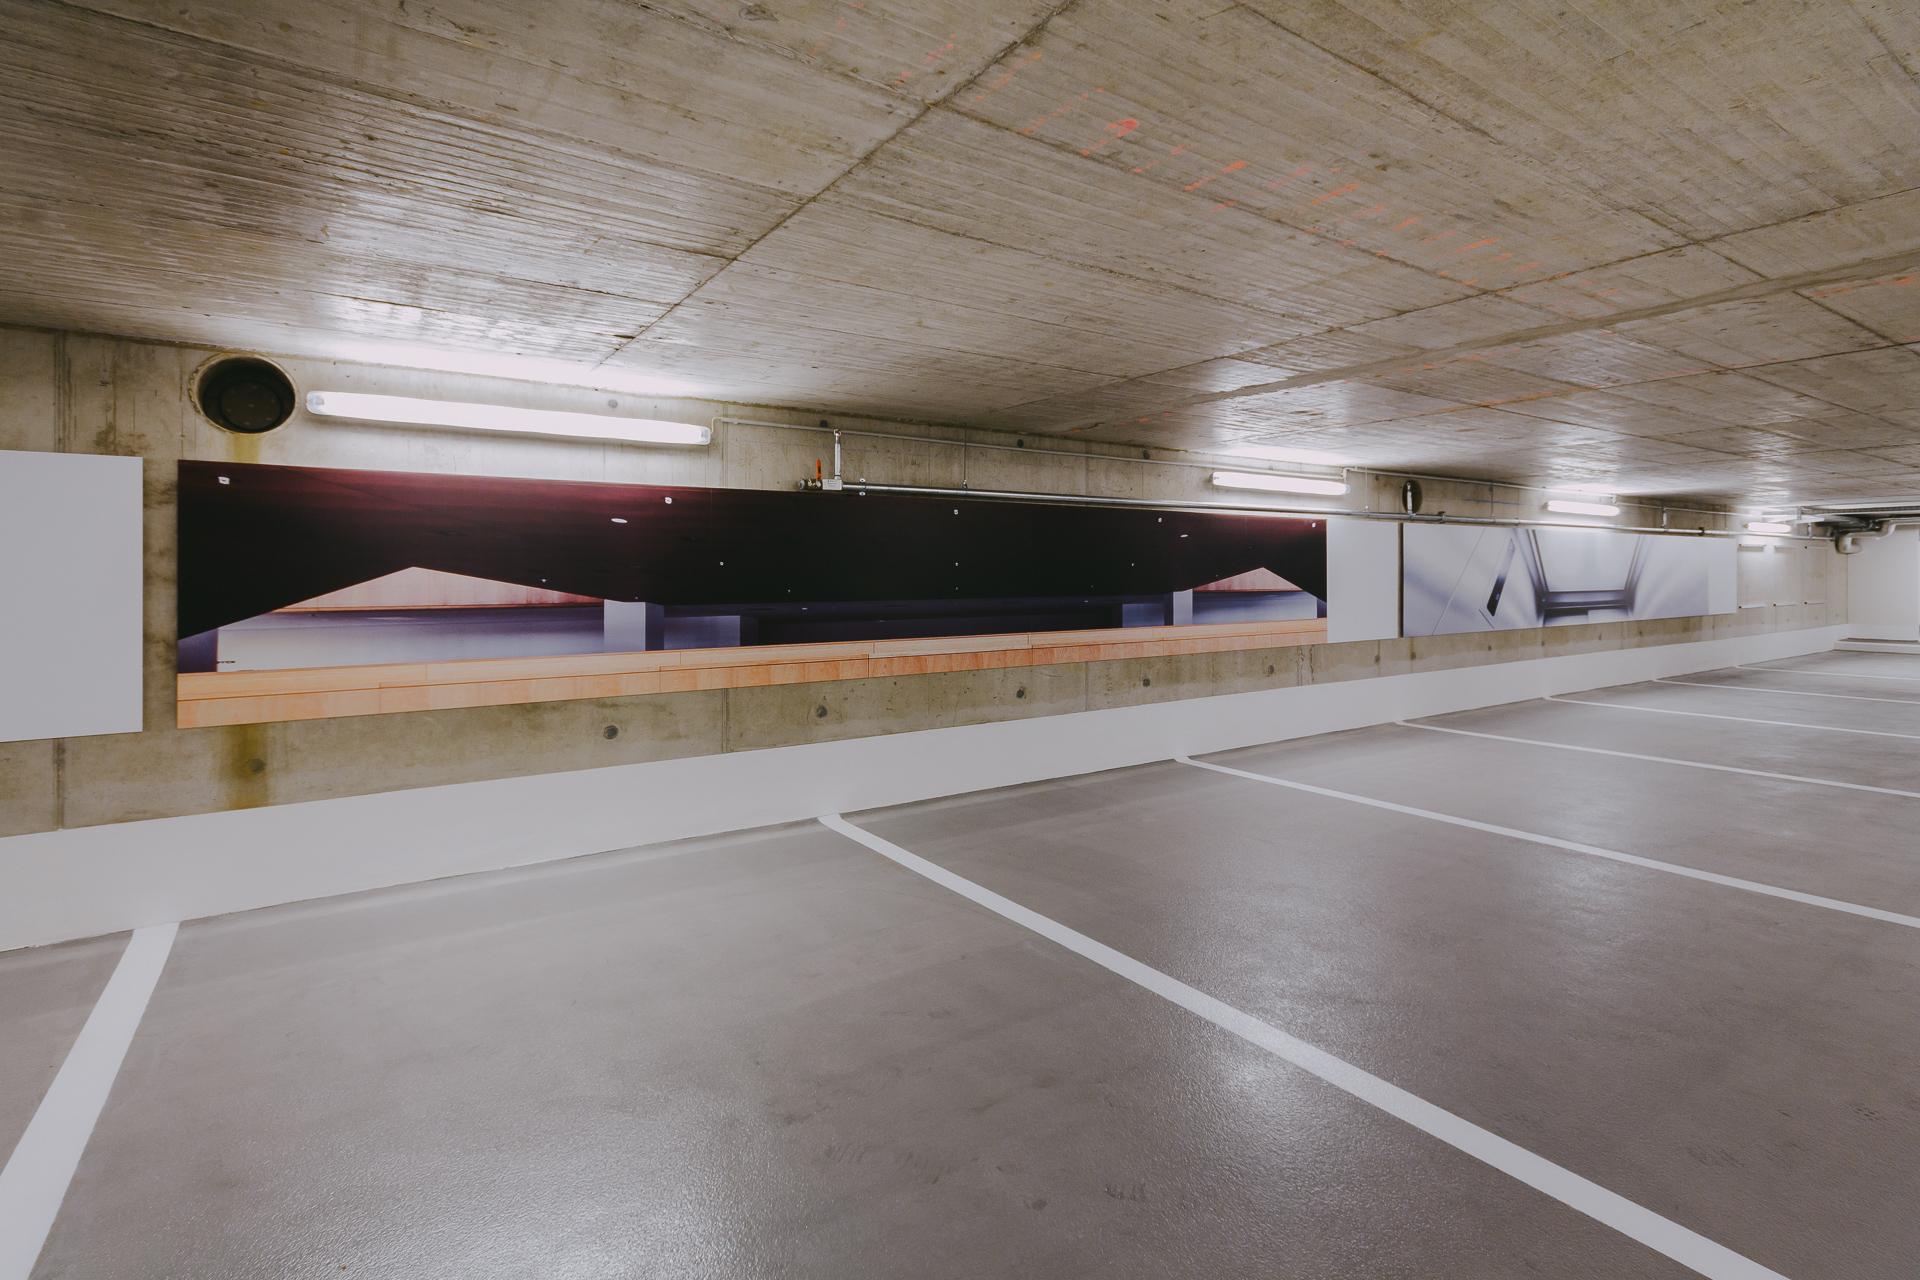 20121228_Stadthalle_Reutlingen_Tiefgarage_Motive_000000121